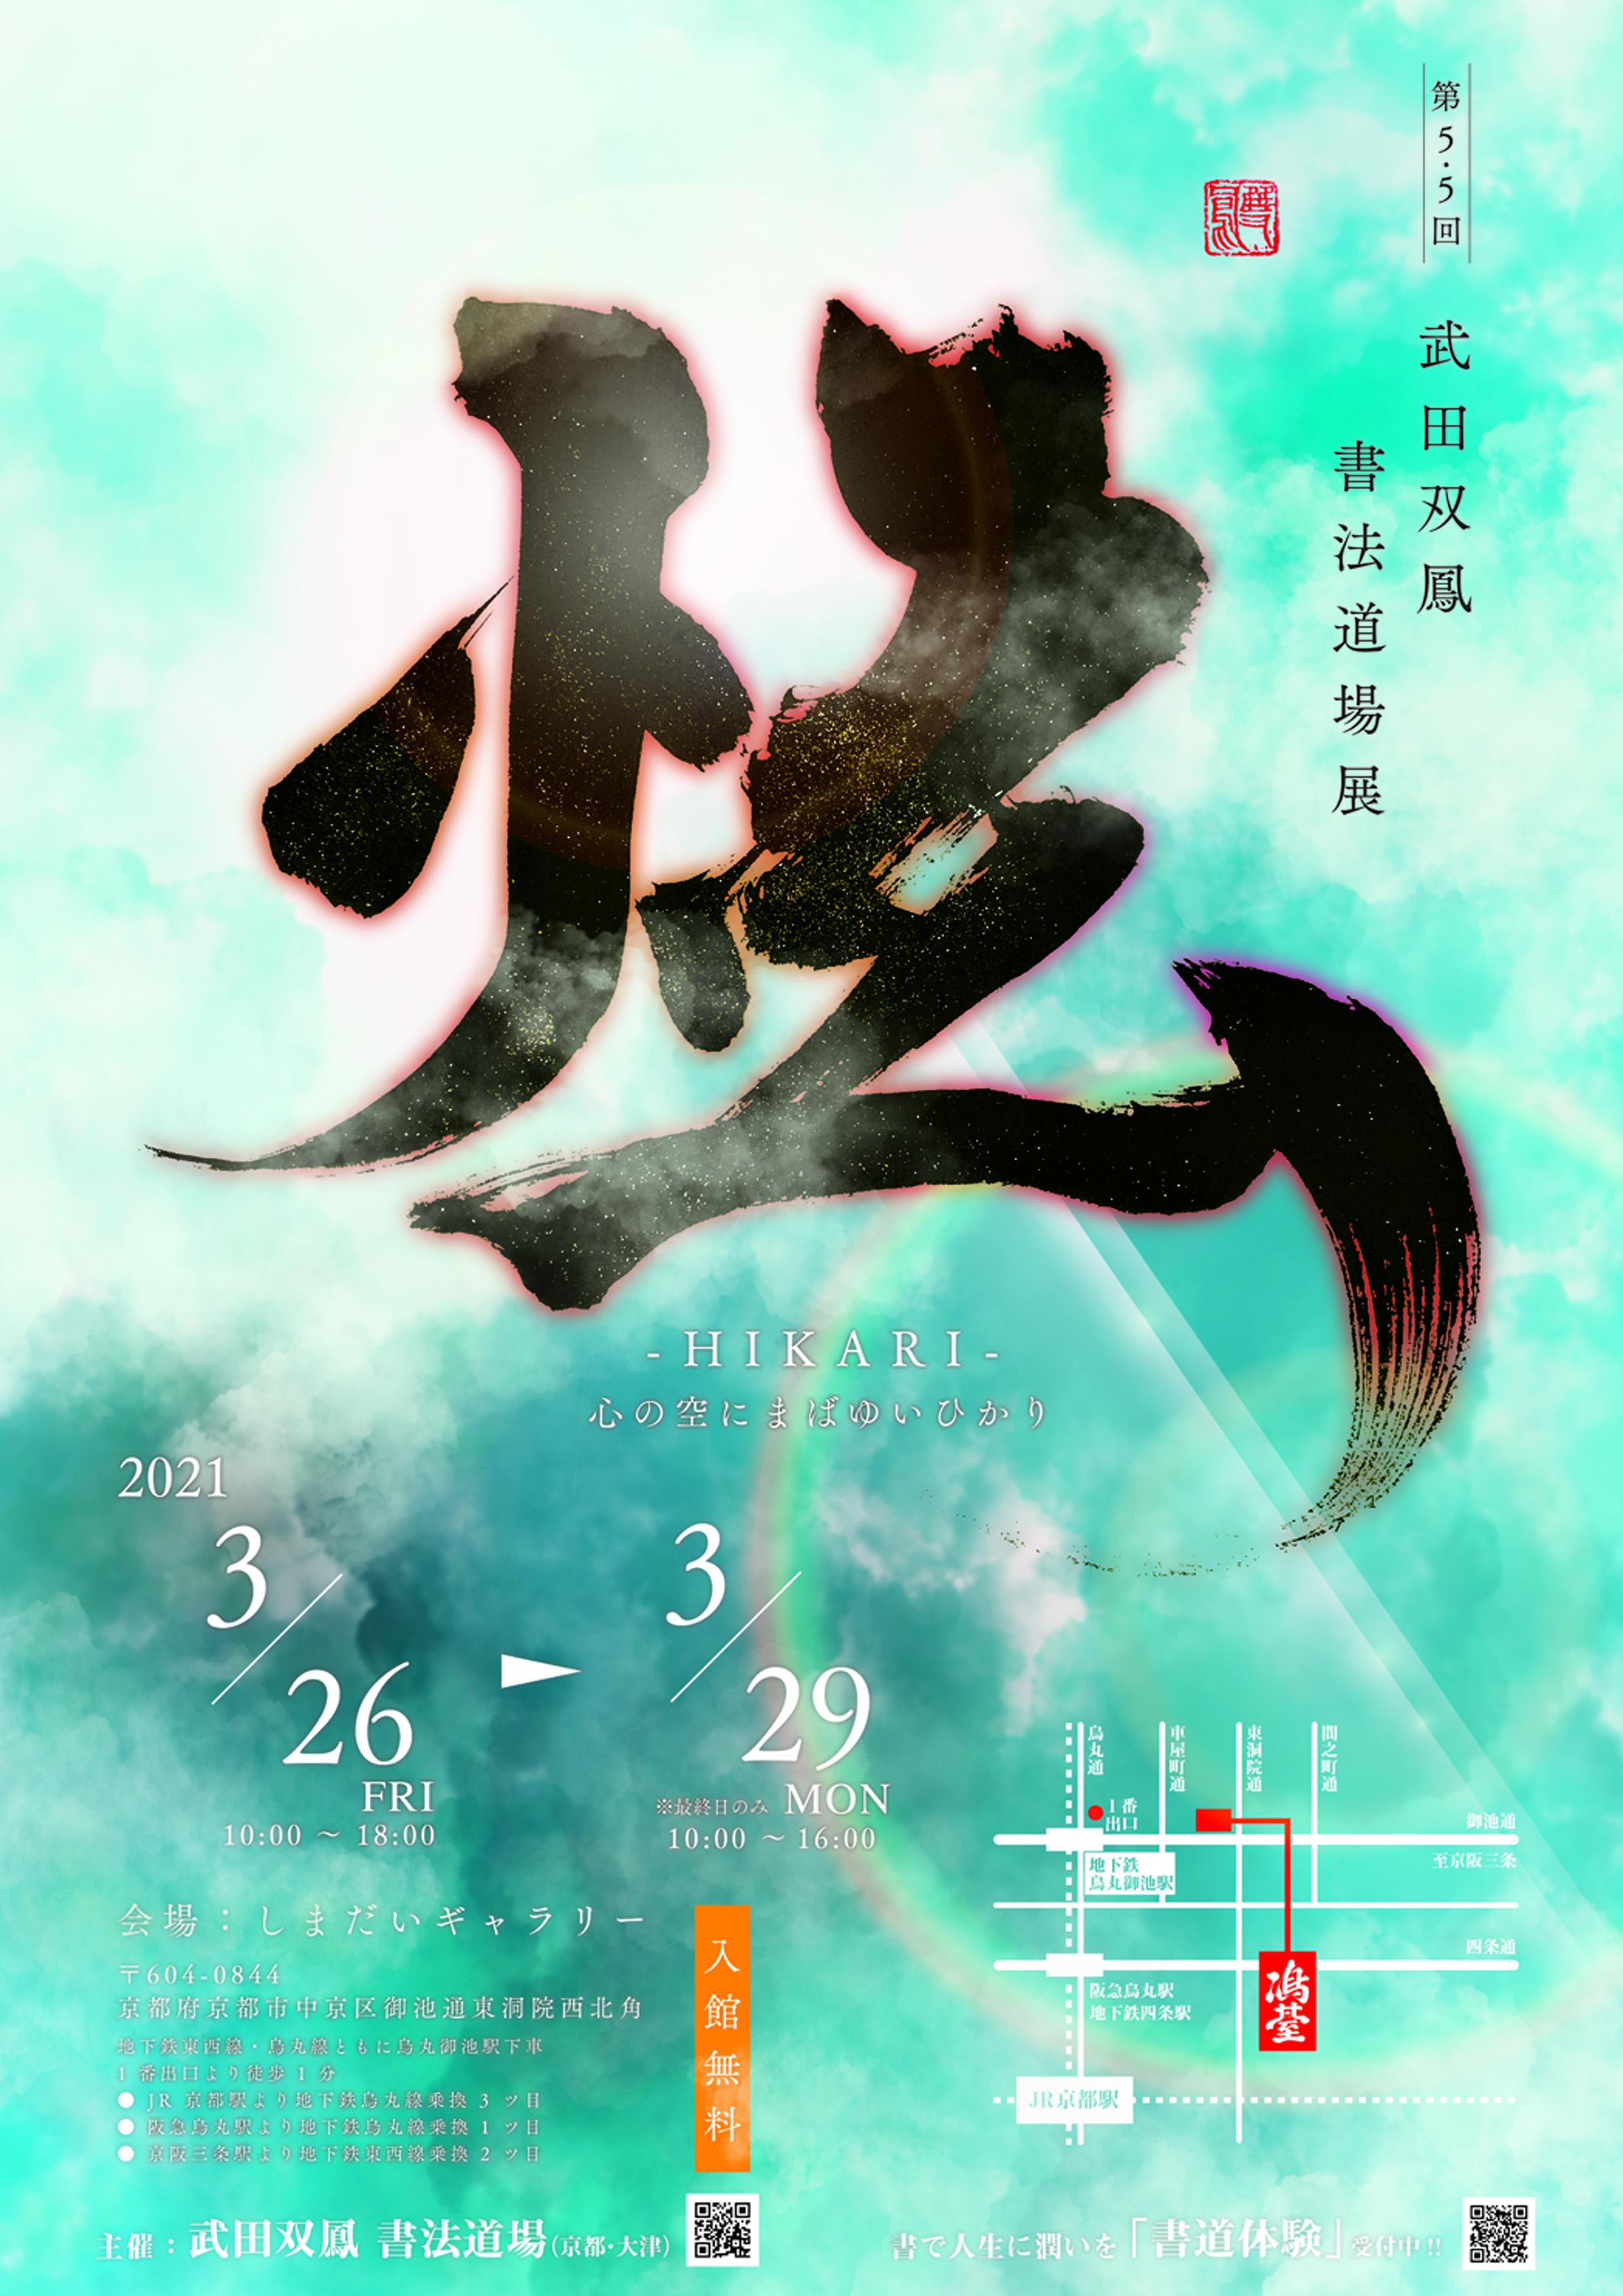 武田双鳳5.5回書法道場展ポスター